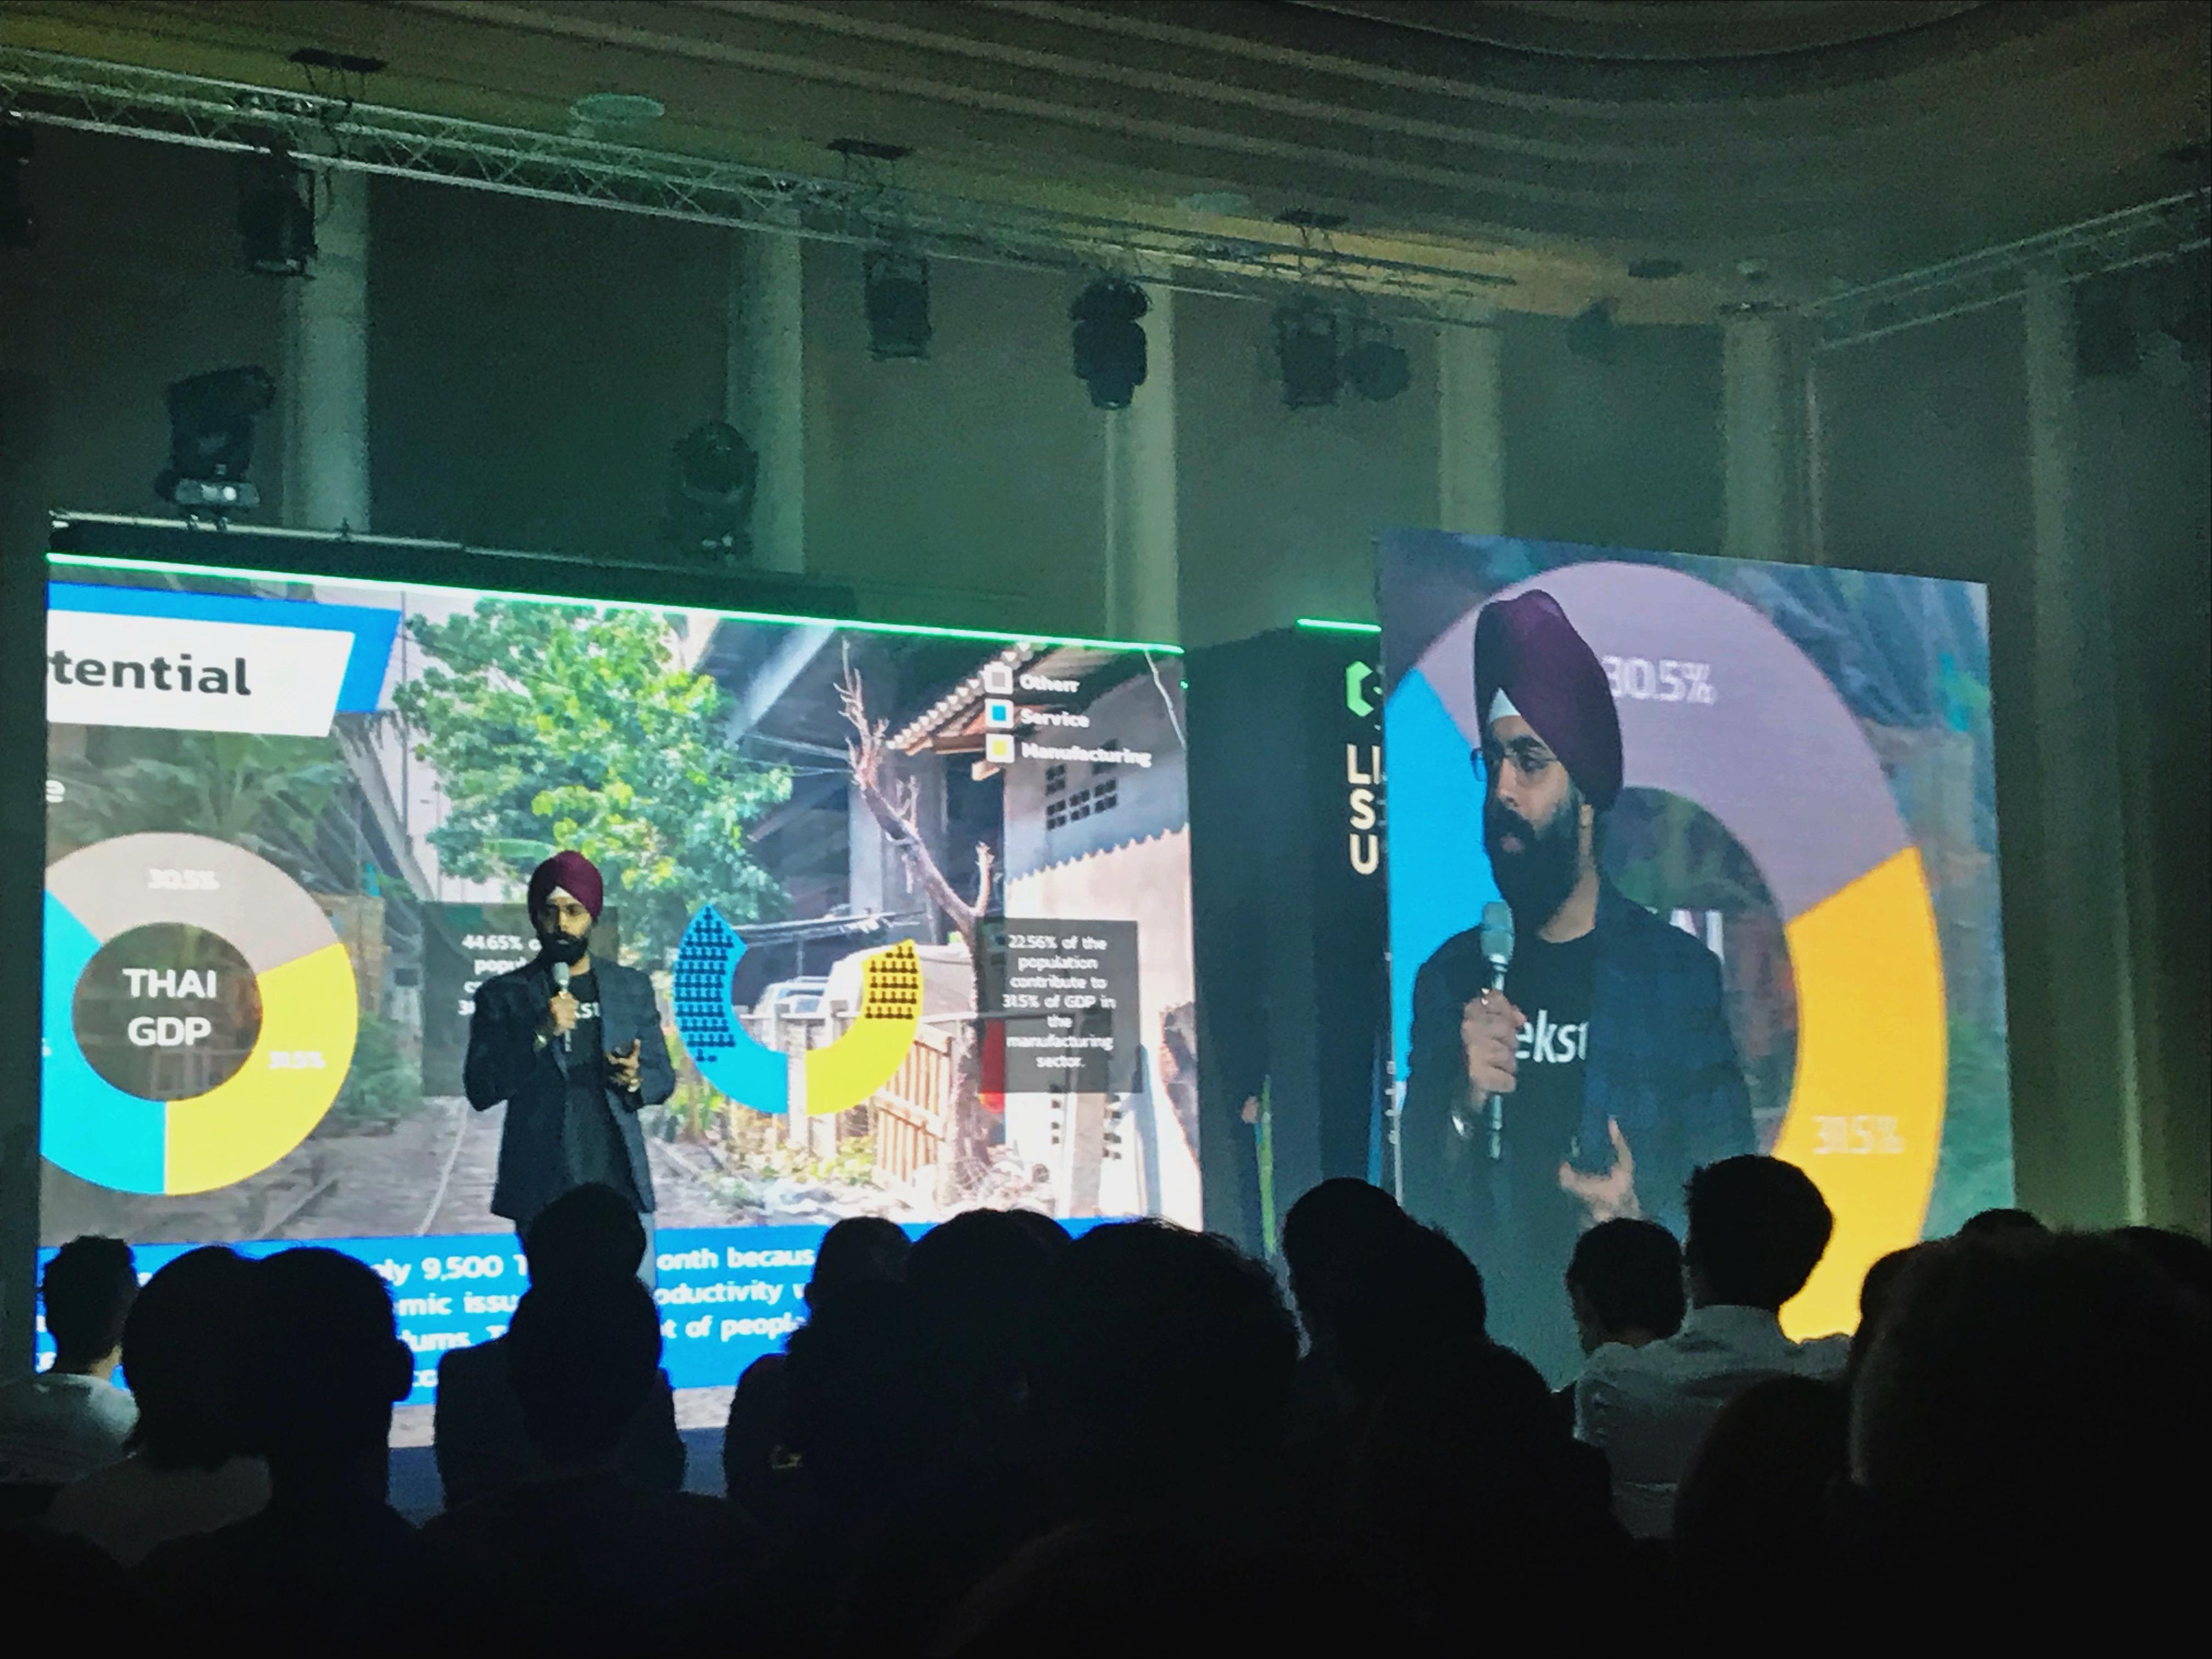 สรุปงาน LINE ScaleUp Demo Day 2019: 6 สตาร์ตอัพไฟแรง กับภารกิจสู่การเป็นยูนิคอร์นแห่งประเทศไทย